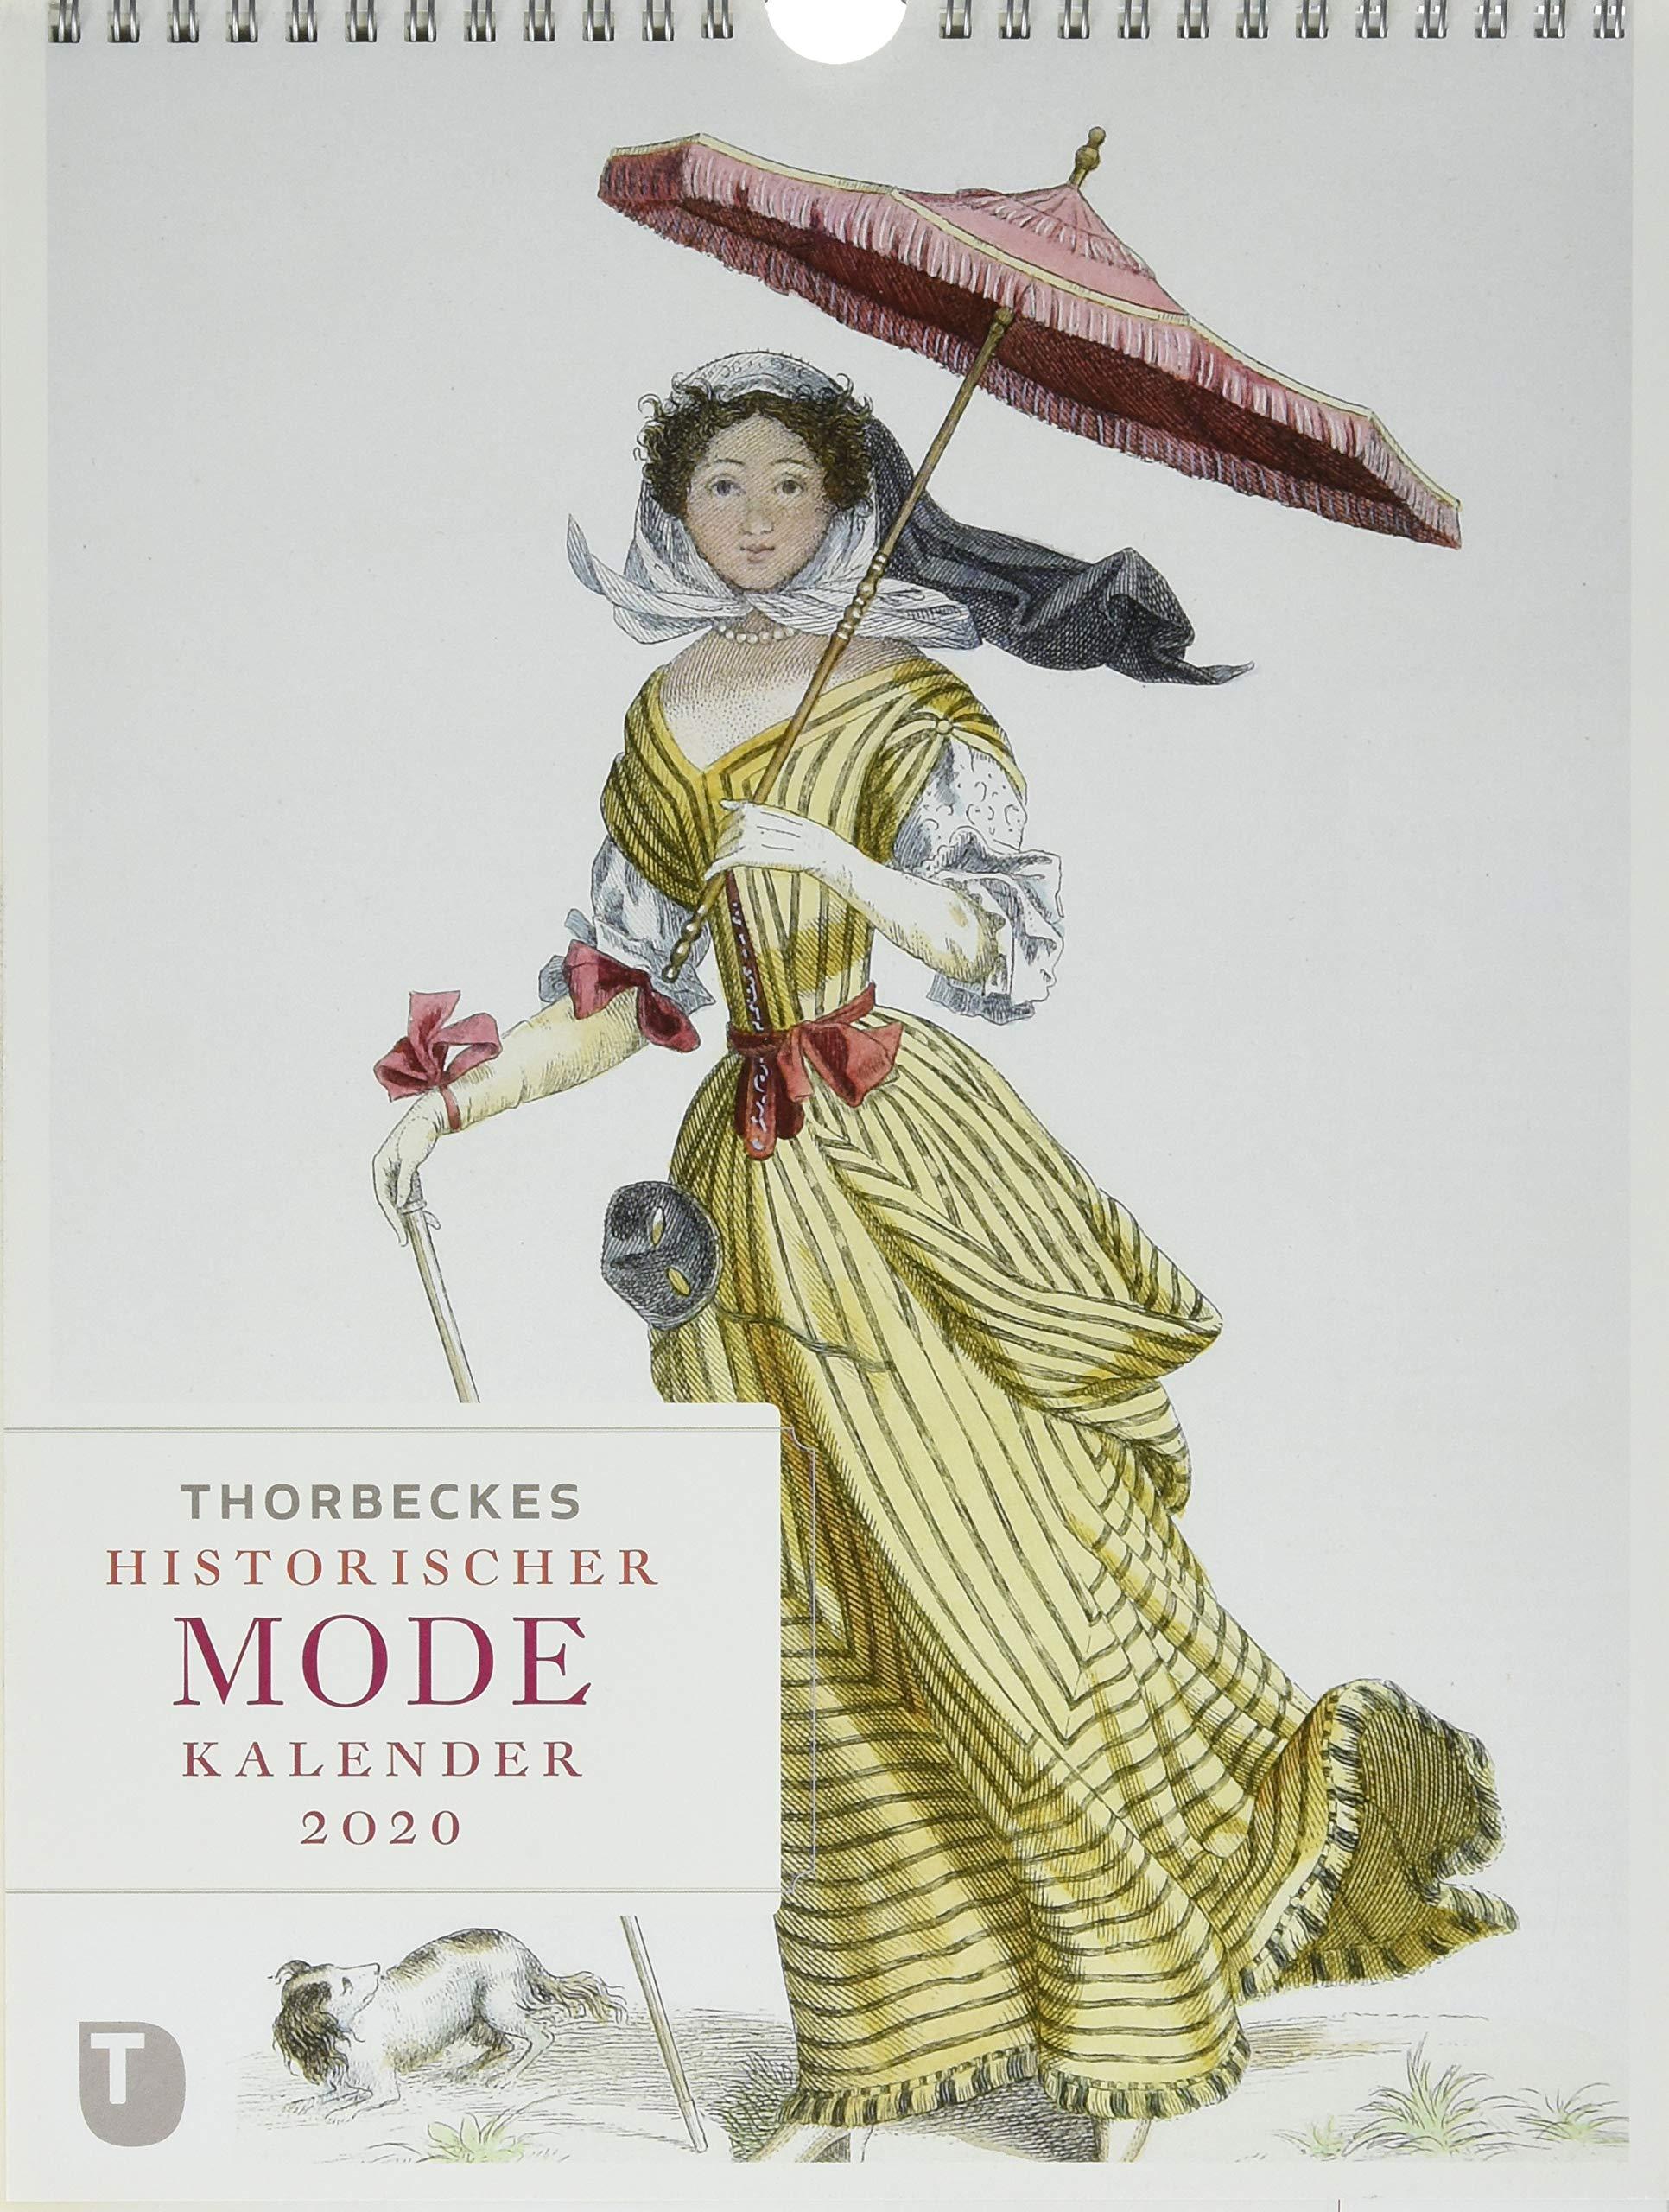 Thorbeckes Historischer Mode Kalender 2020